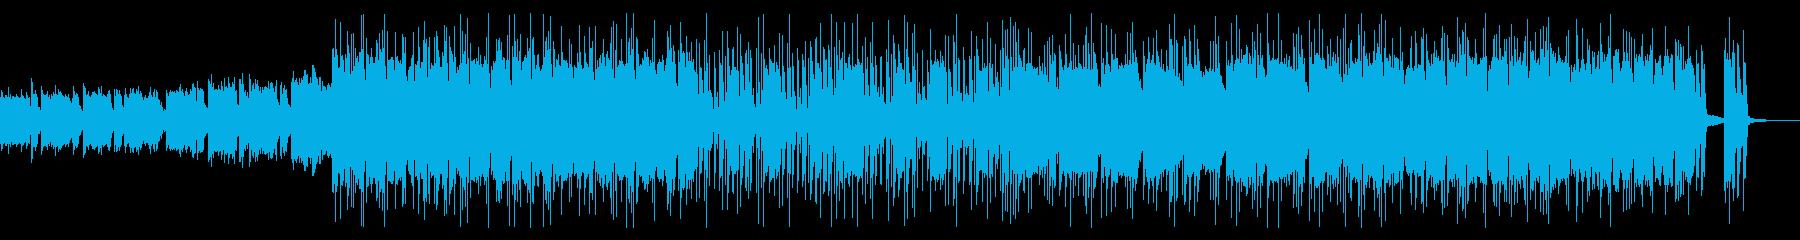 幻想的ファンタジーロックの再生済みの波形